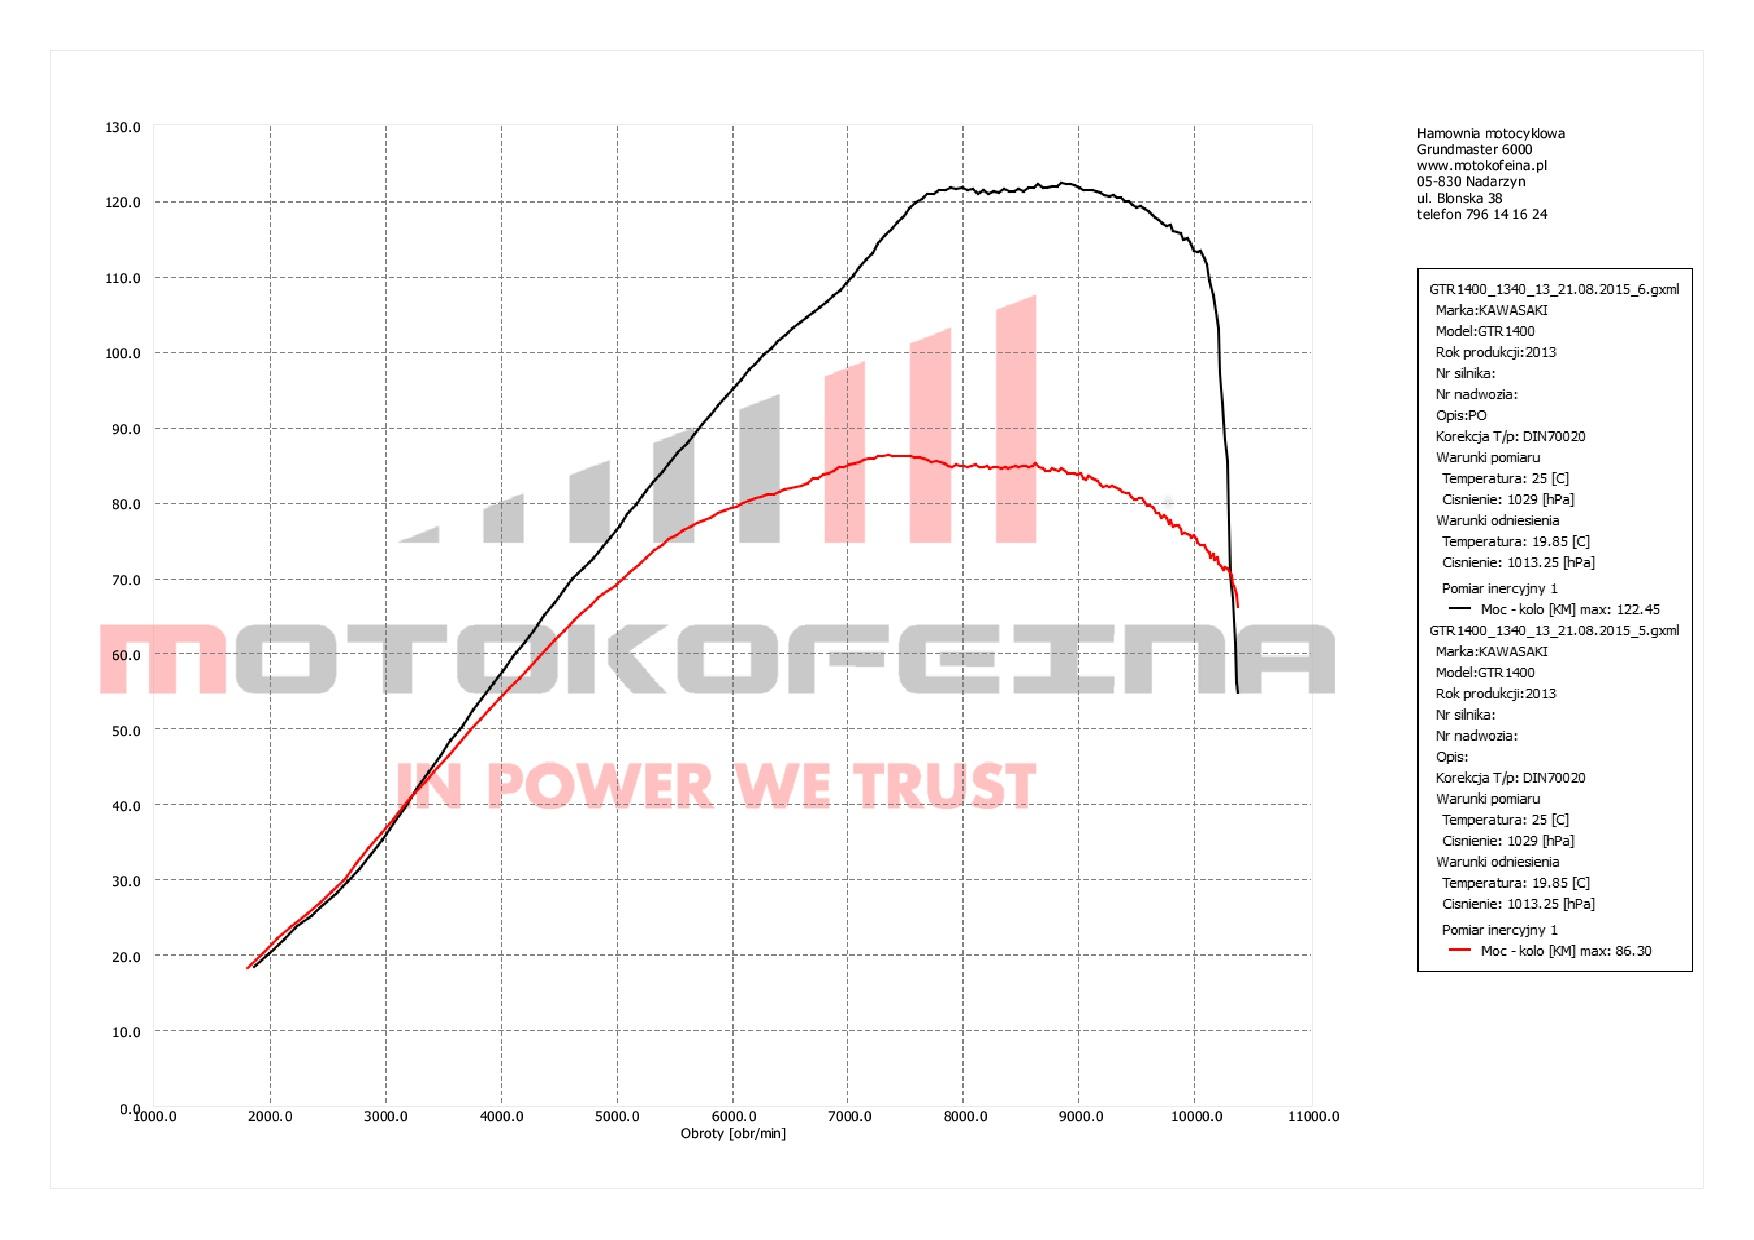 Odblokowanie pełnej mocy w Kawasaki GTR 1400 (Concours)